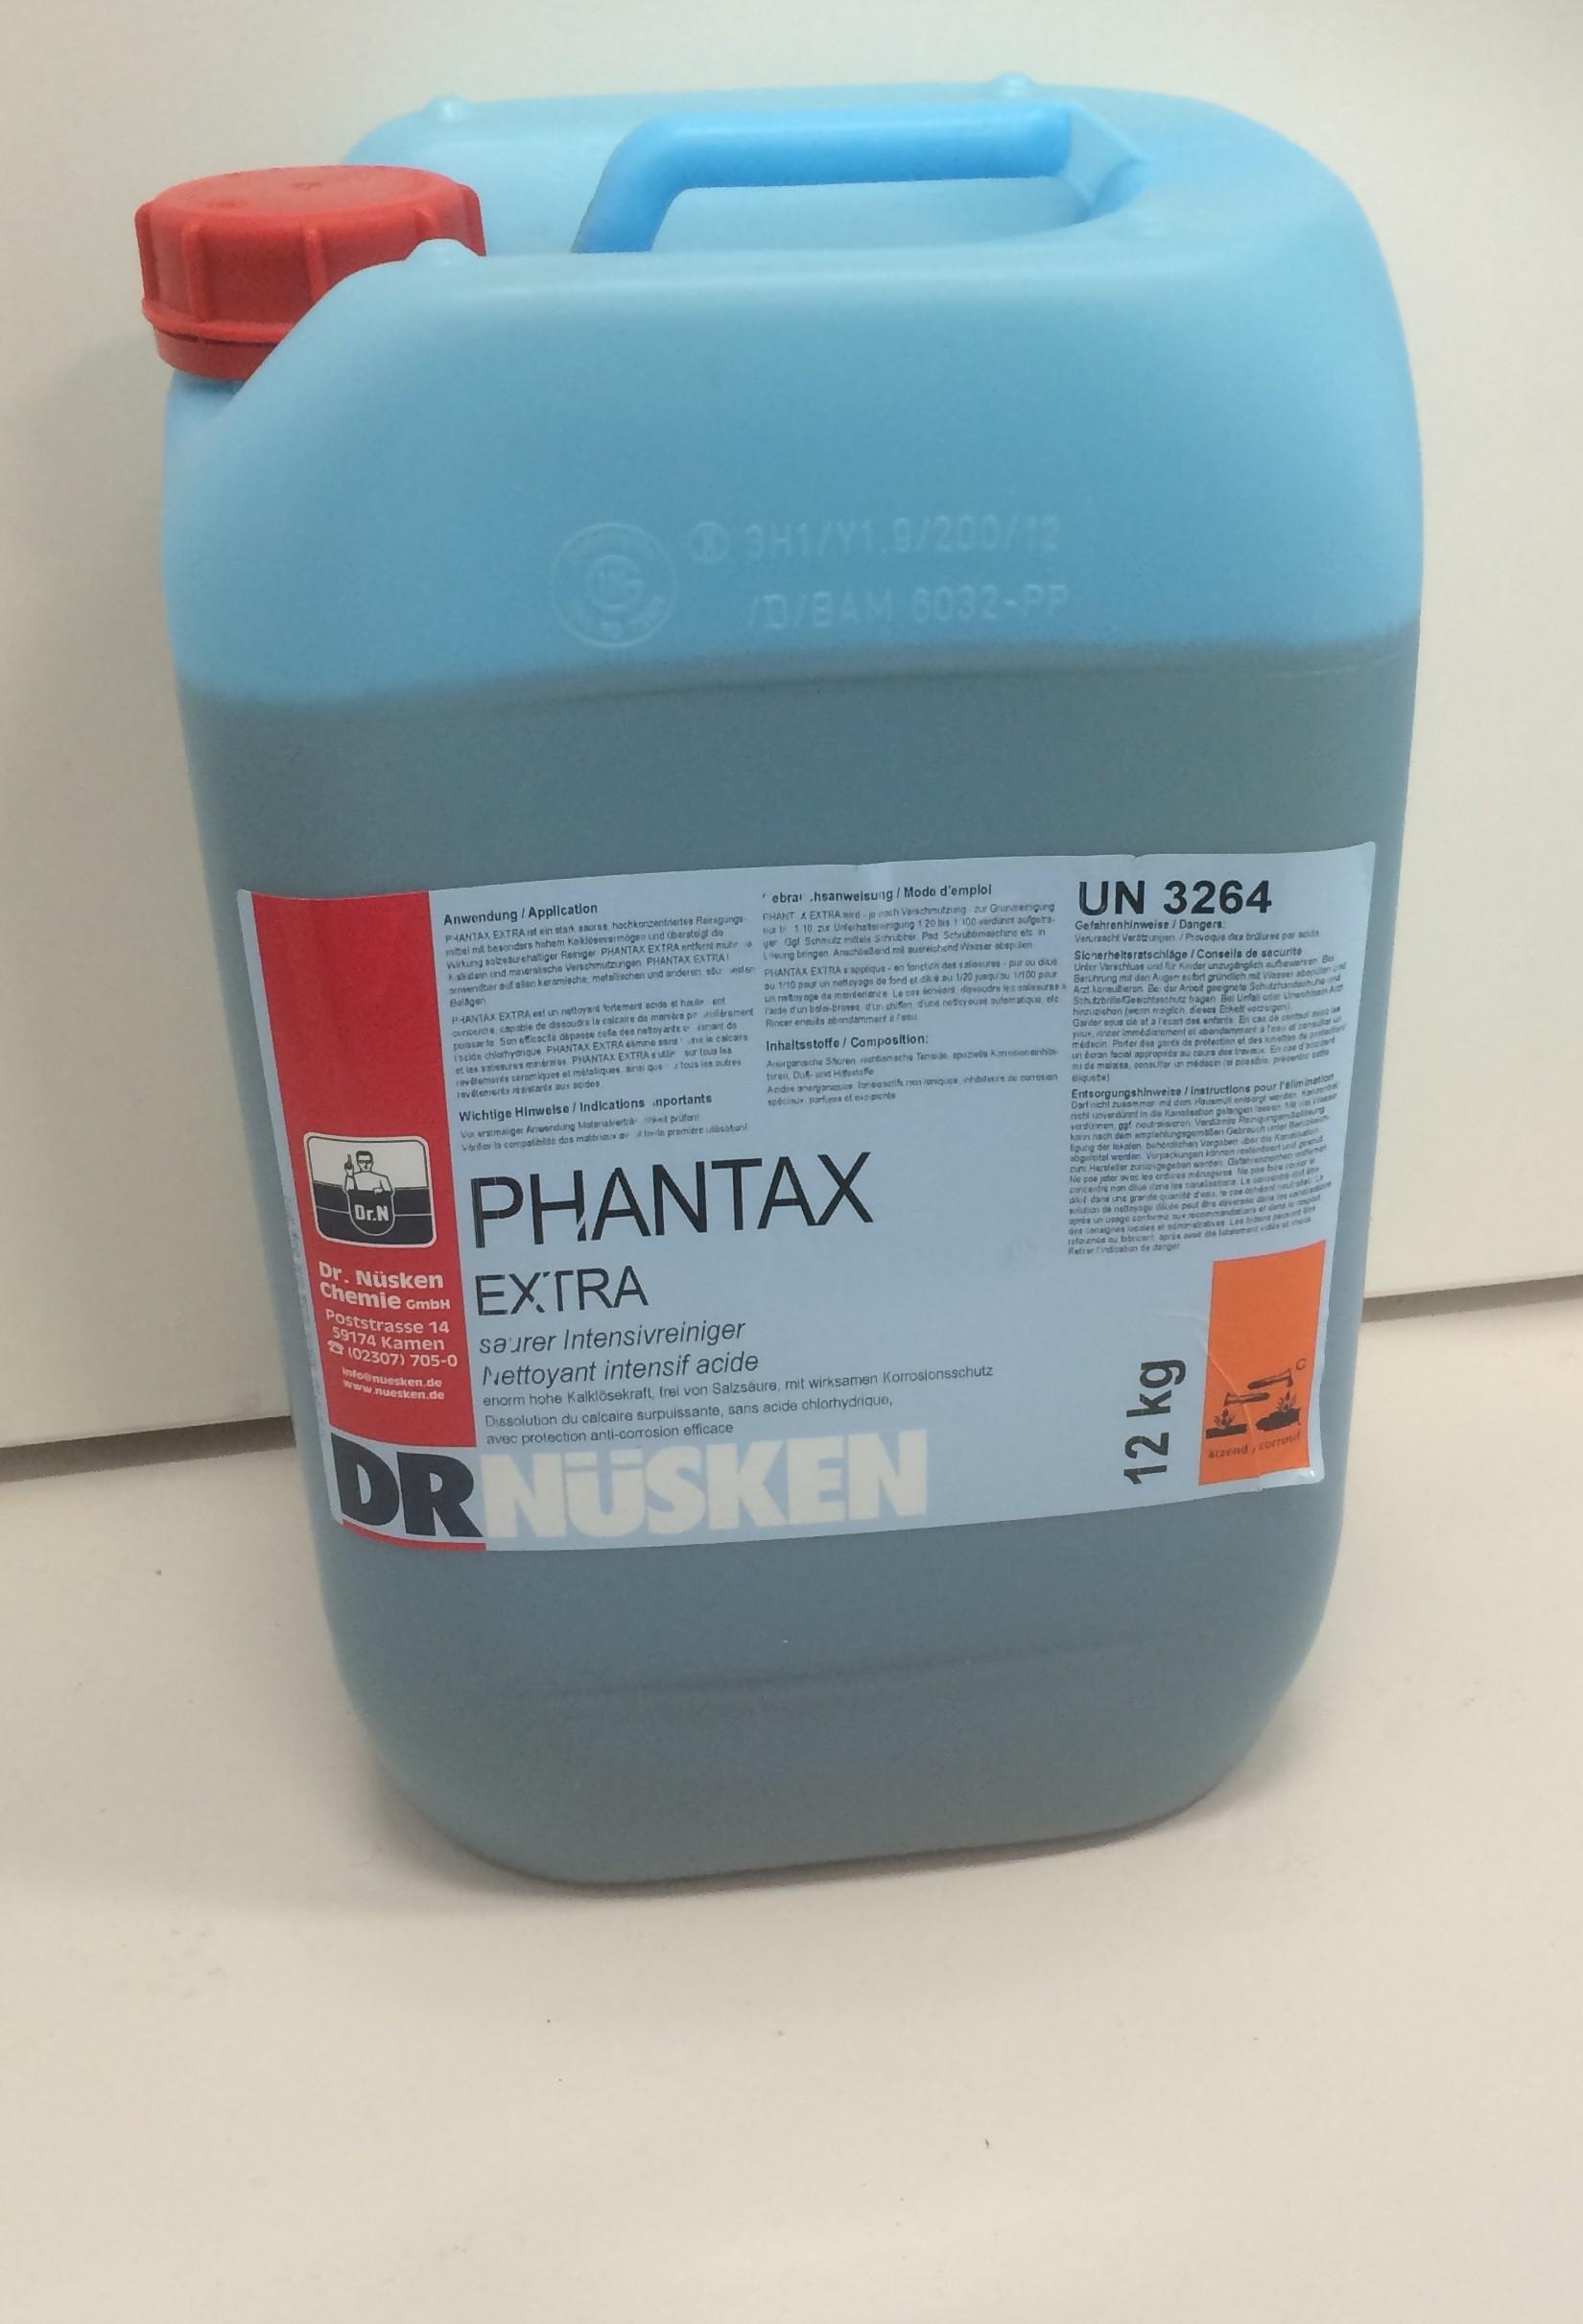 Produit anti calcaire pour piscine fabulous nettoyant intensif acide pour une dissolution de - Acide chlorhydrique piscine ...